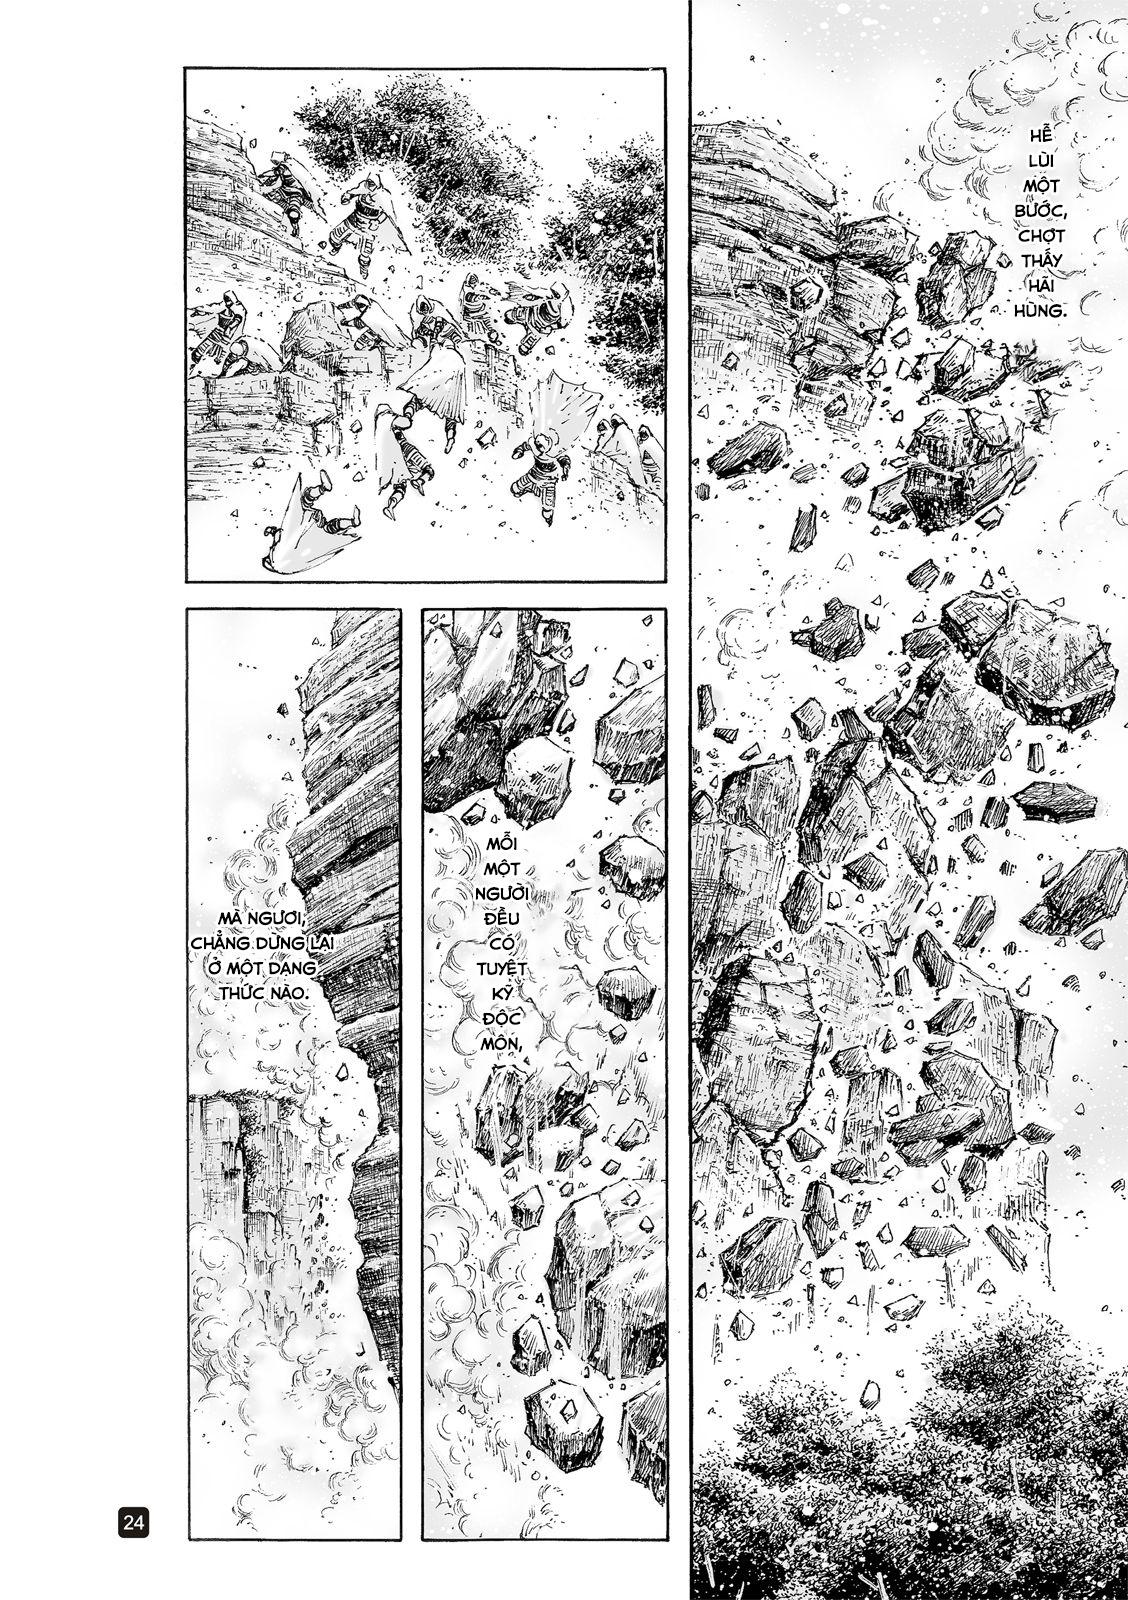 Hỏa phụng liêu nguyên Chương 525: Côn Bằng triển sí trang 24